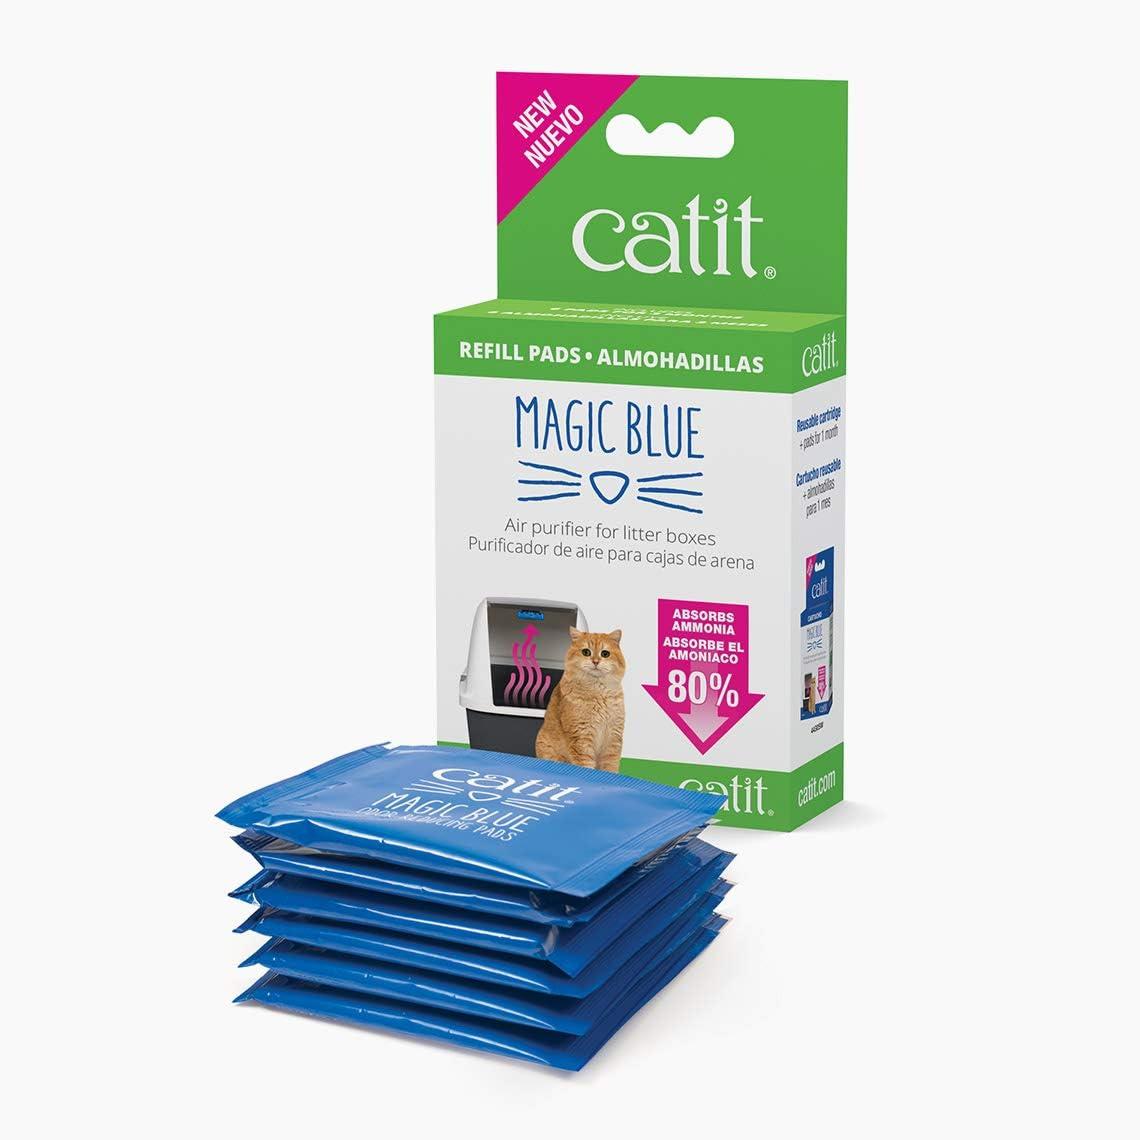 Catit Recambio Magic Blue, 6 Unidades